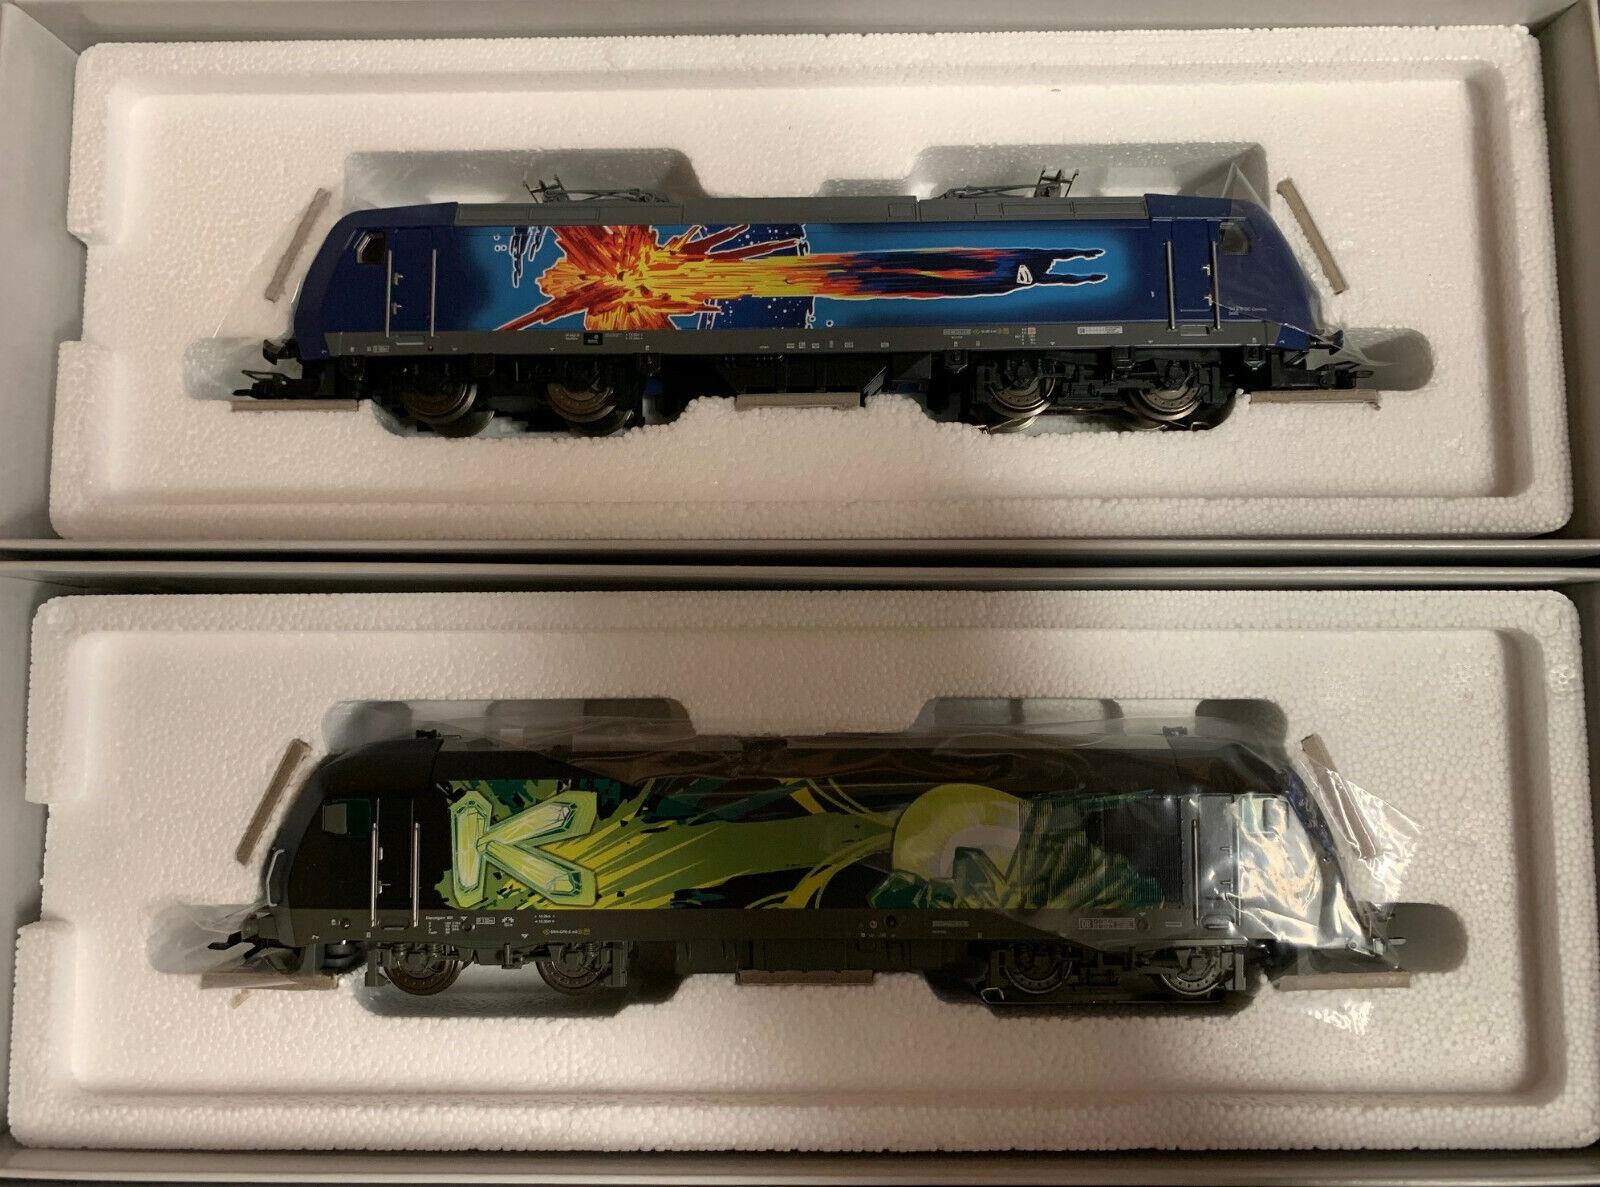 Märklin H0 36837 LOK DoppelVerpackungung Superman Lex Luther digital 1. FC Märklin